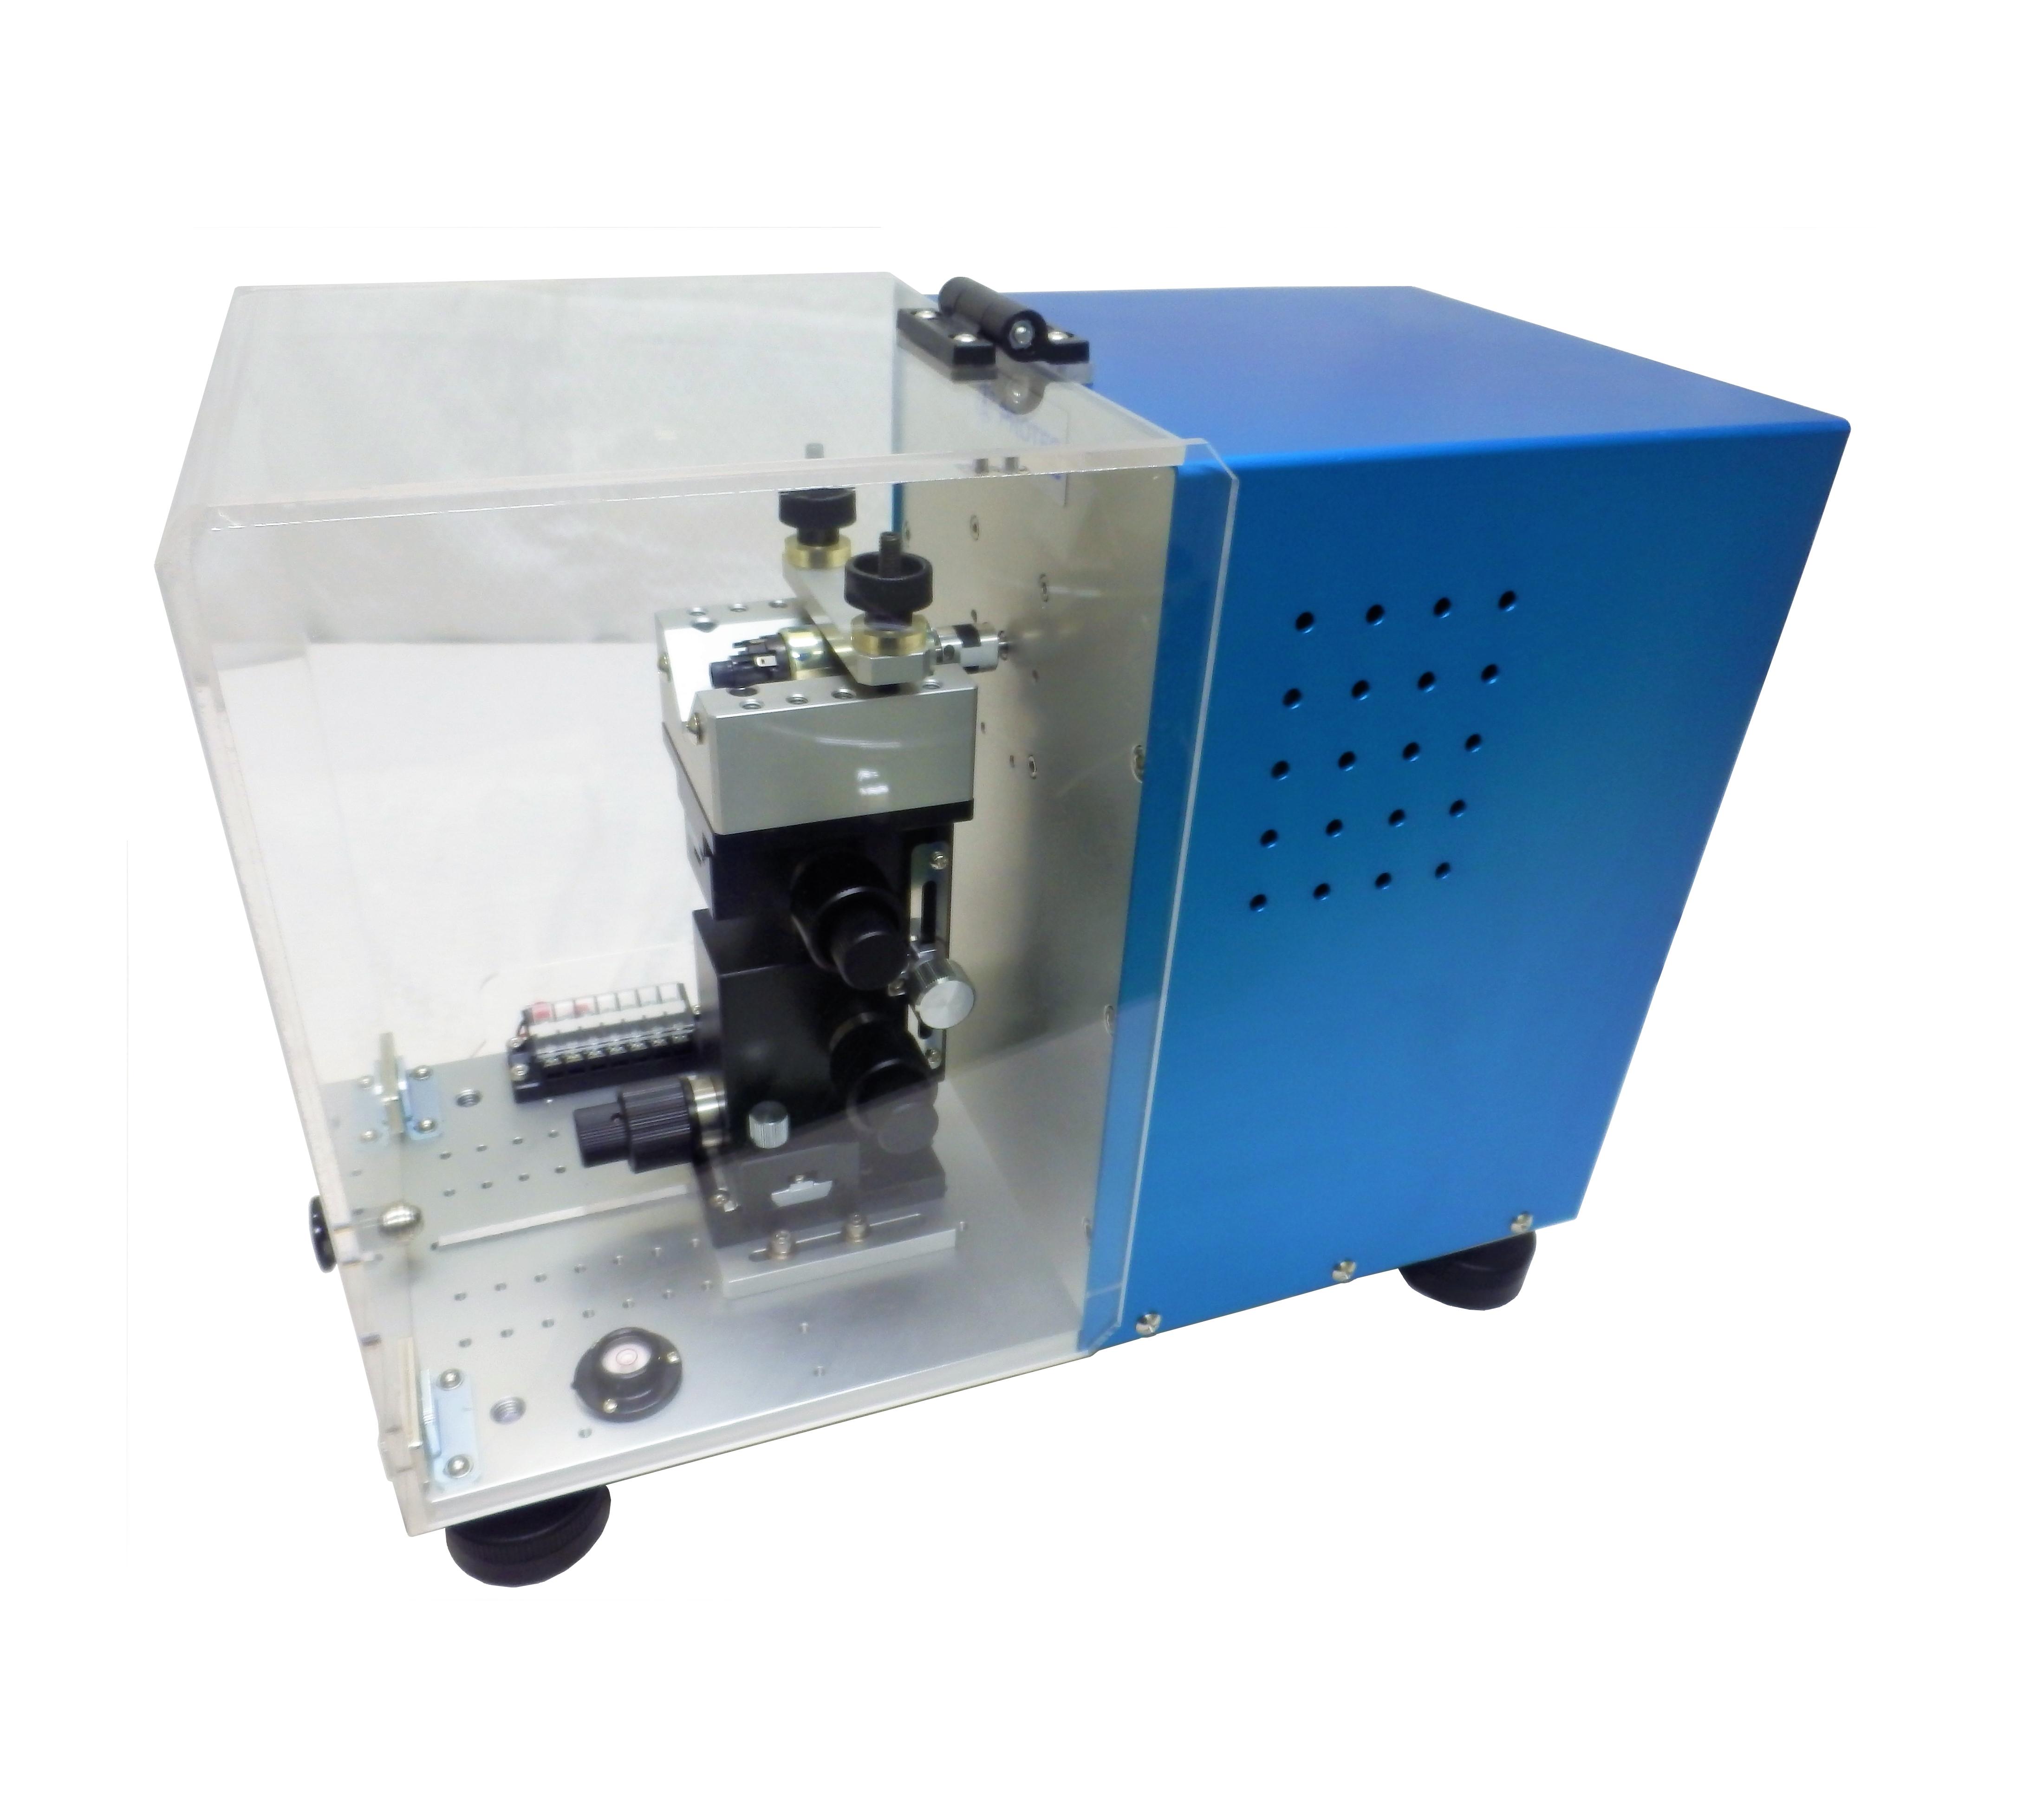 モータトルク測定機_ヒステリシスブレーキ方式負荷ベンチ